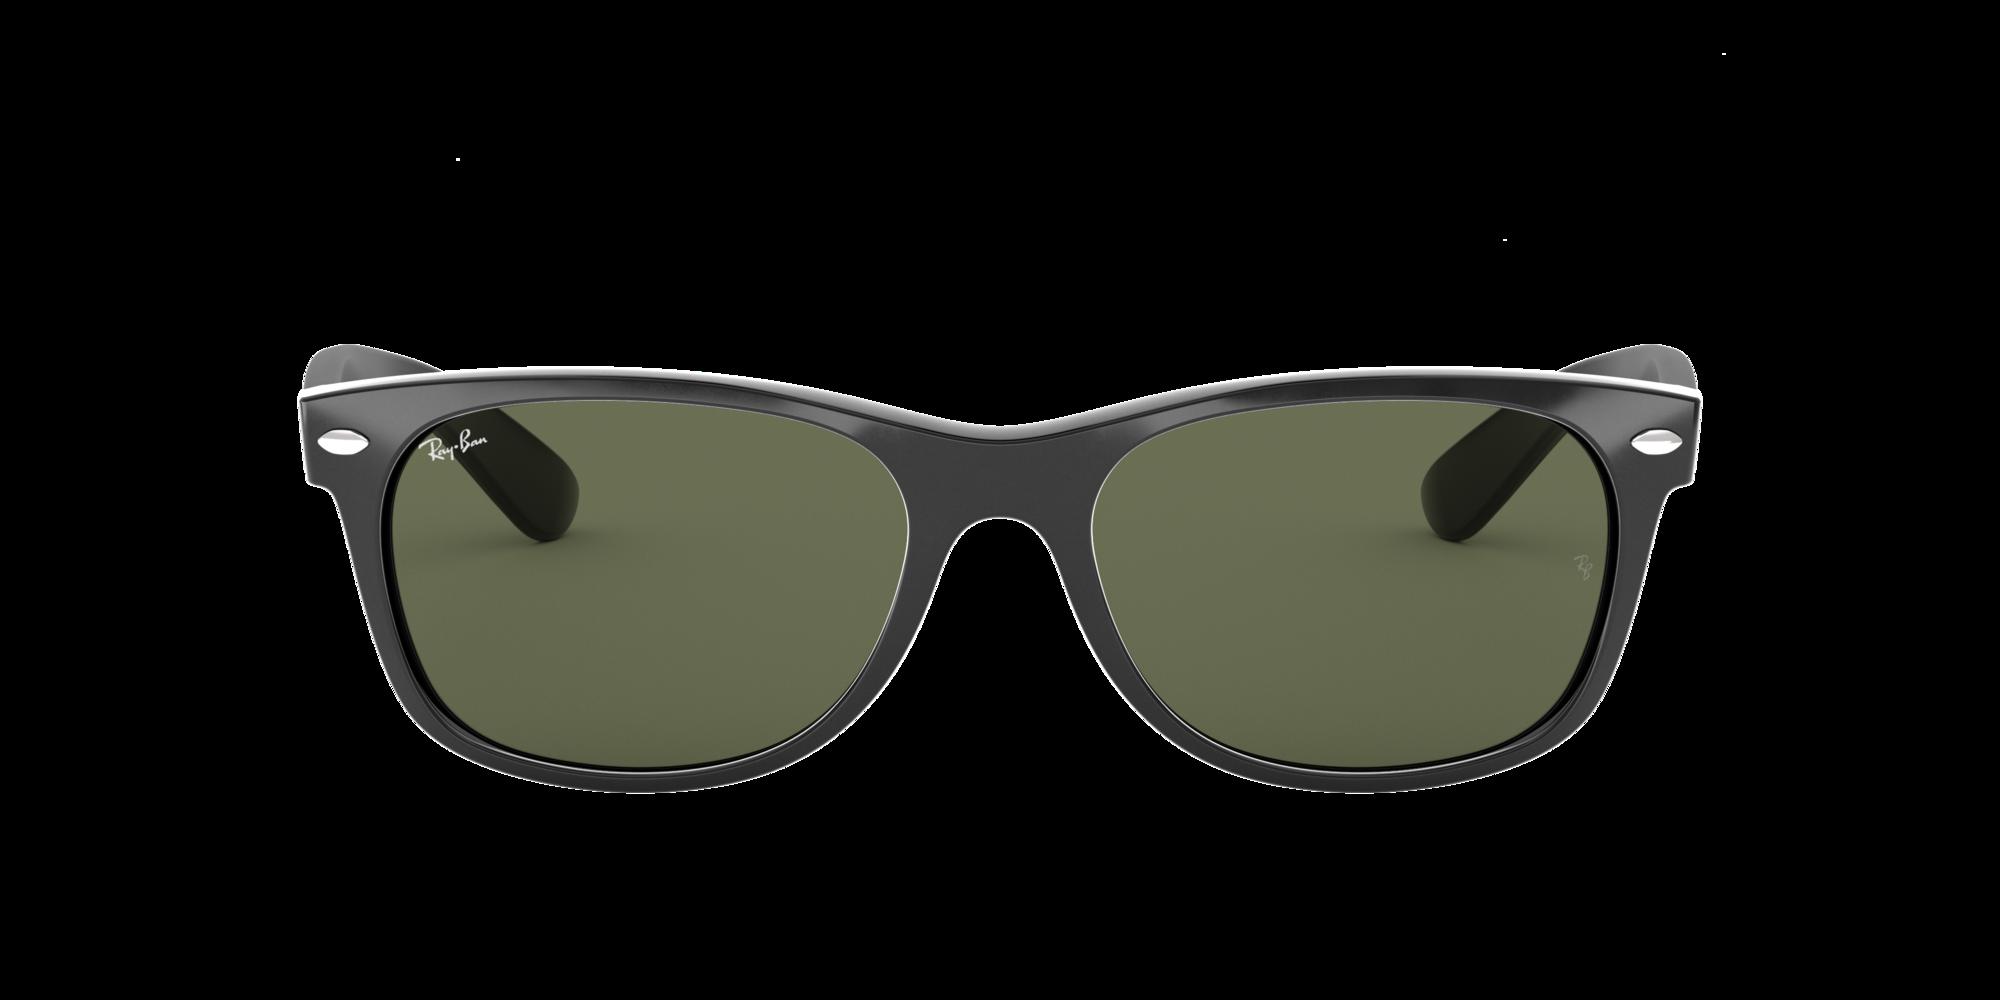 Imagen para RB2132 55 NEW WAYFARER de LensCrafters    Espejuelos, espejuelos graduados en línea, gafas